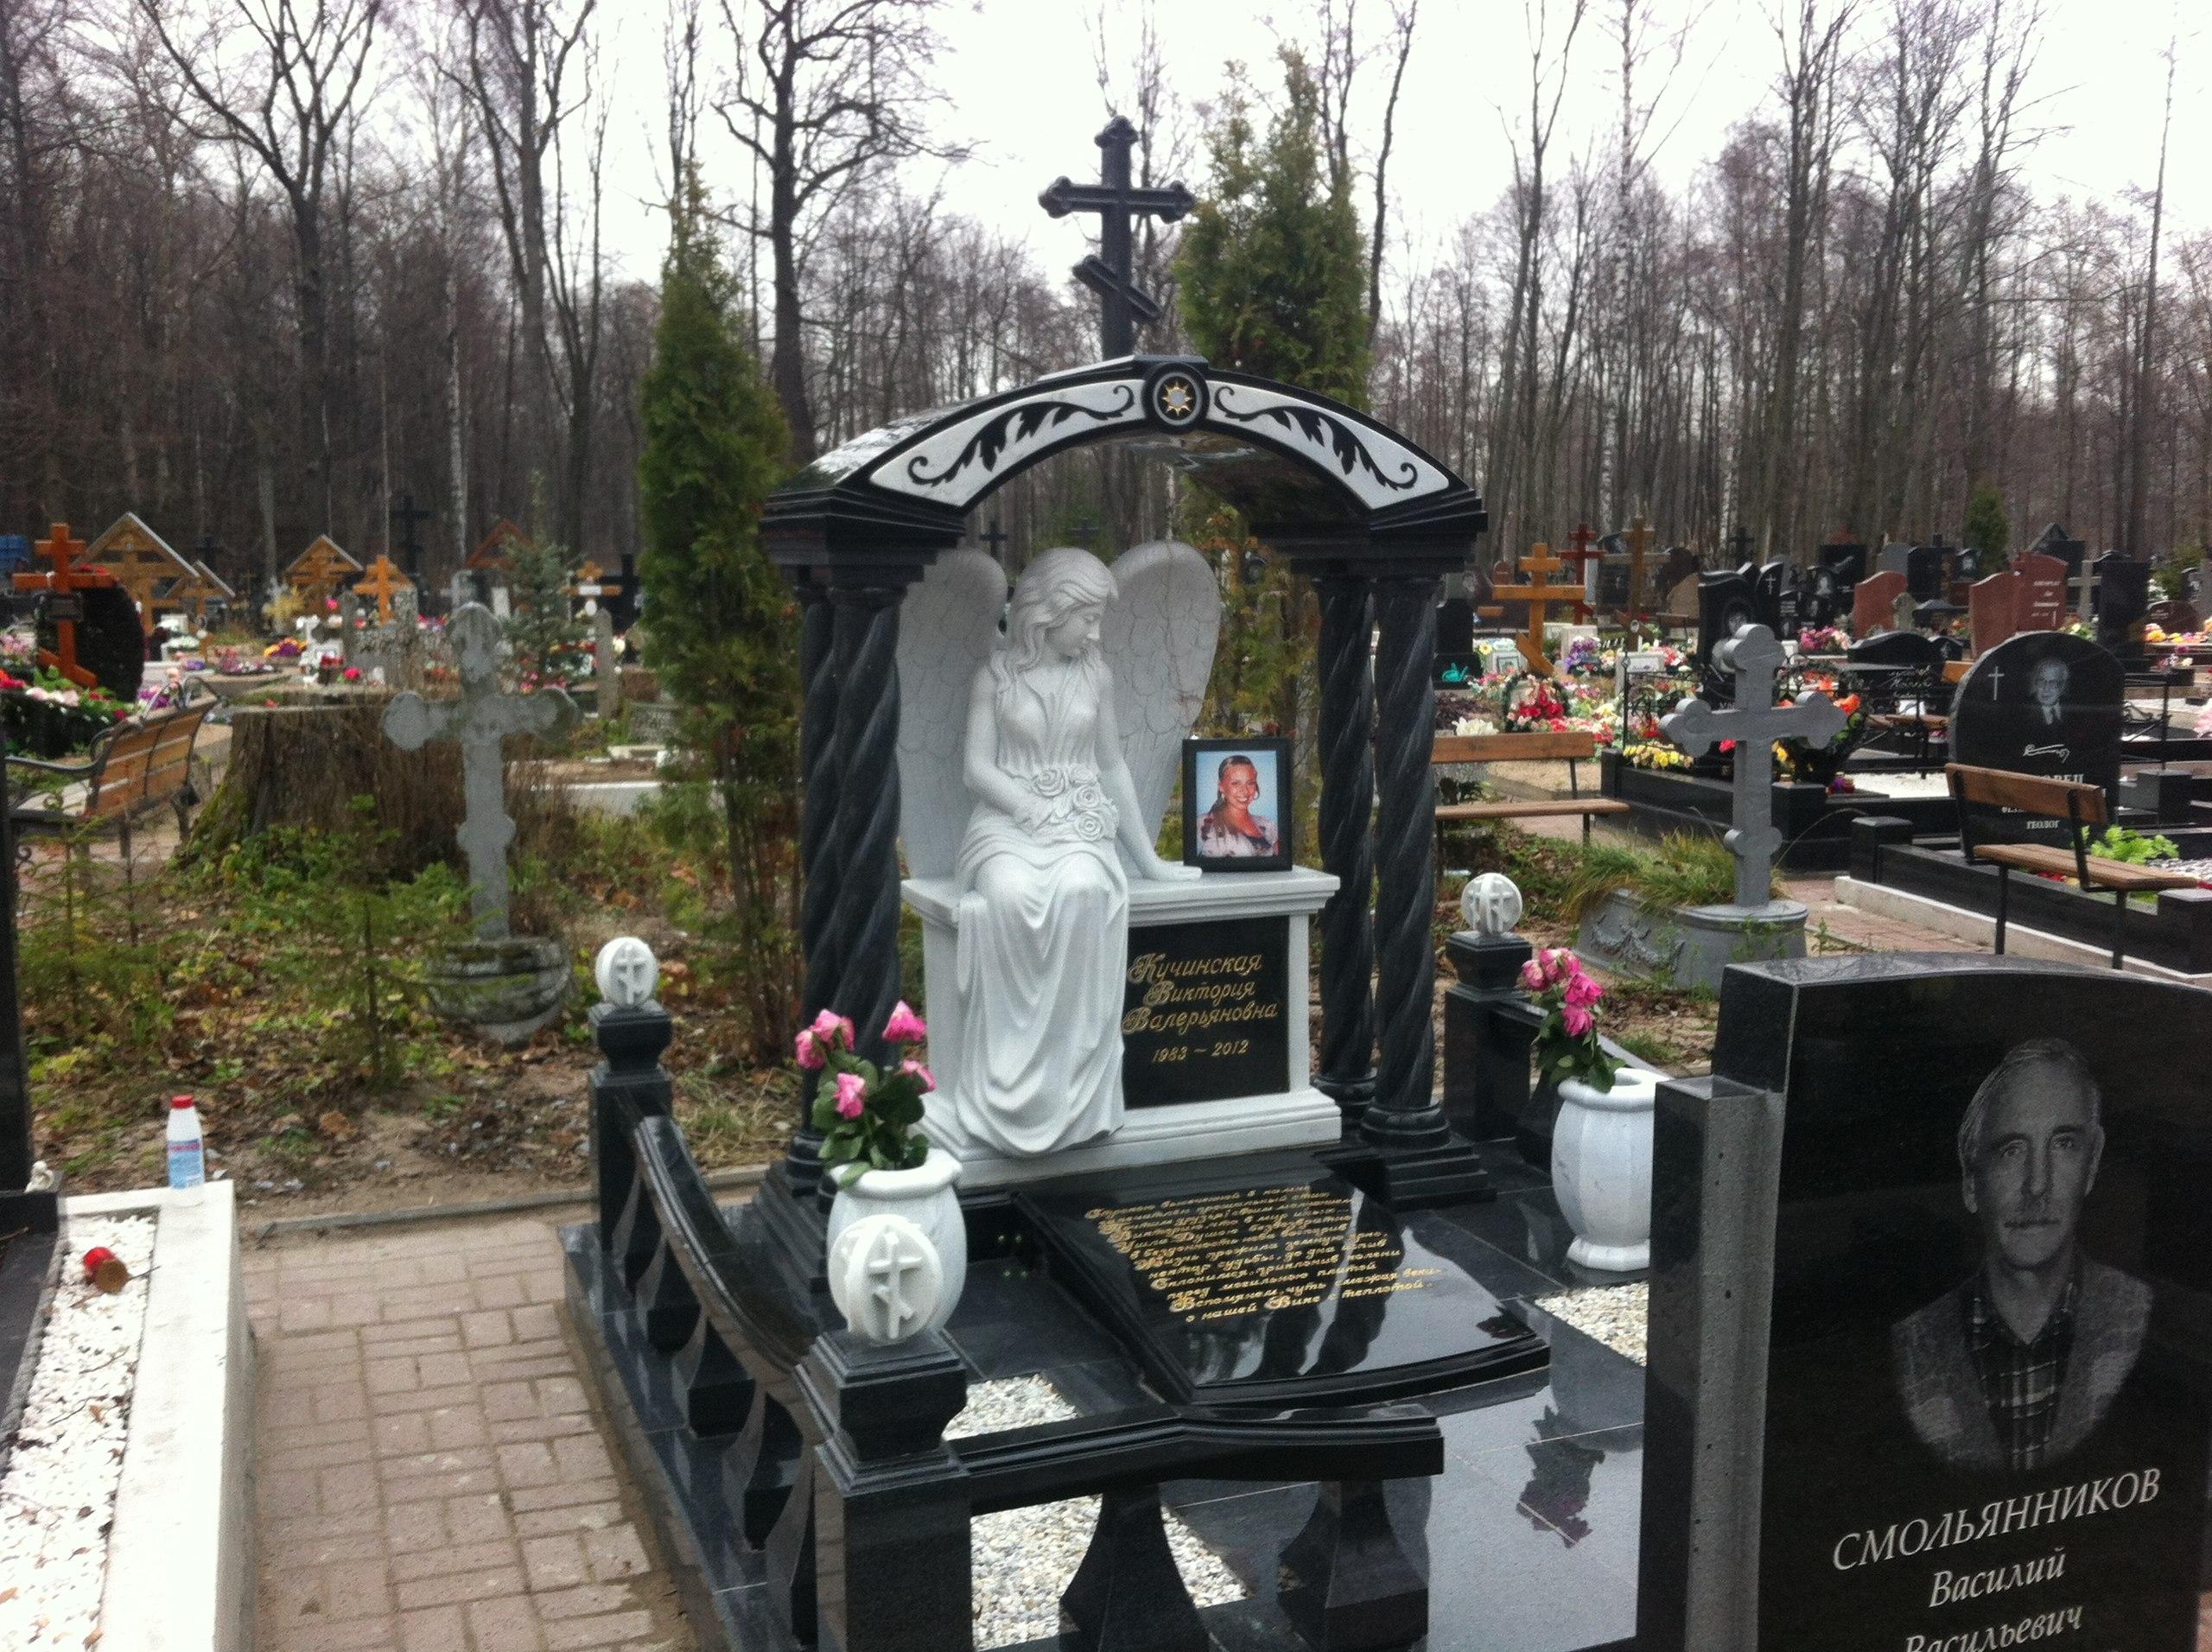 Сколько стоит памятник на могилу в воронеже купить памятники архитектуру 5 Площадь Мужества презентация